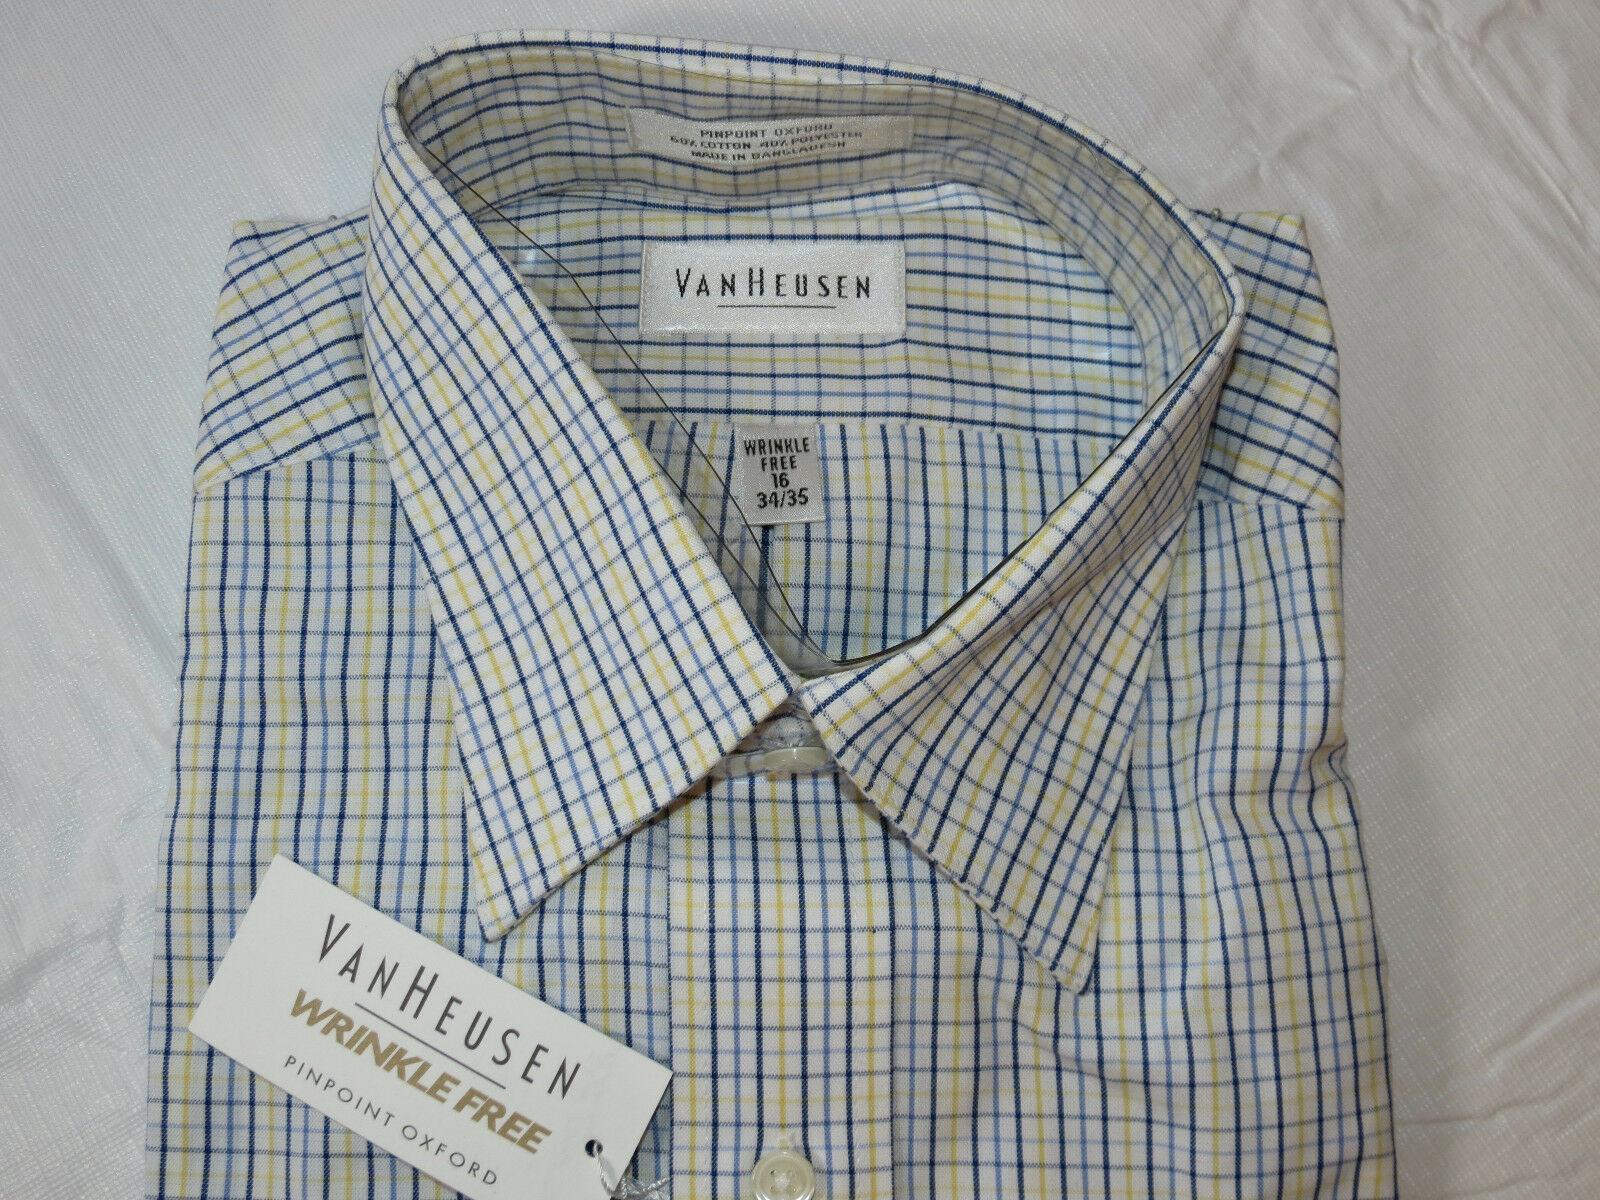 Herren Van Heusen Zielgenau Oxford Faltenlos L/S Knopfleiste Hemd 16 34/35